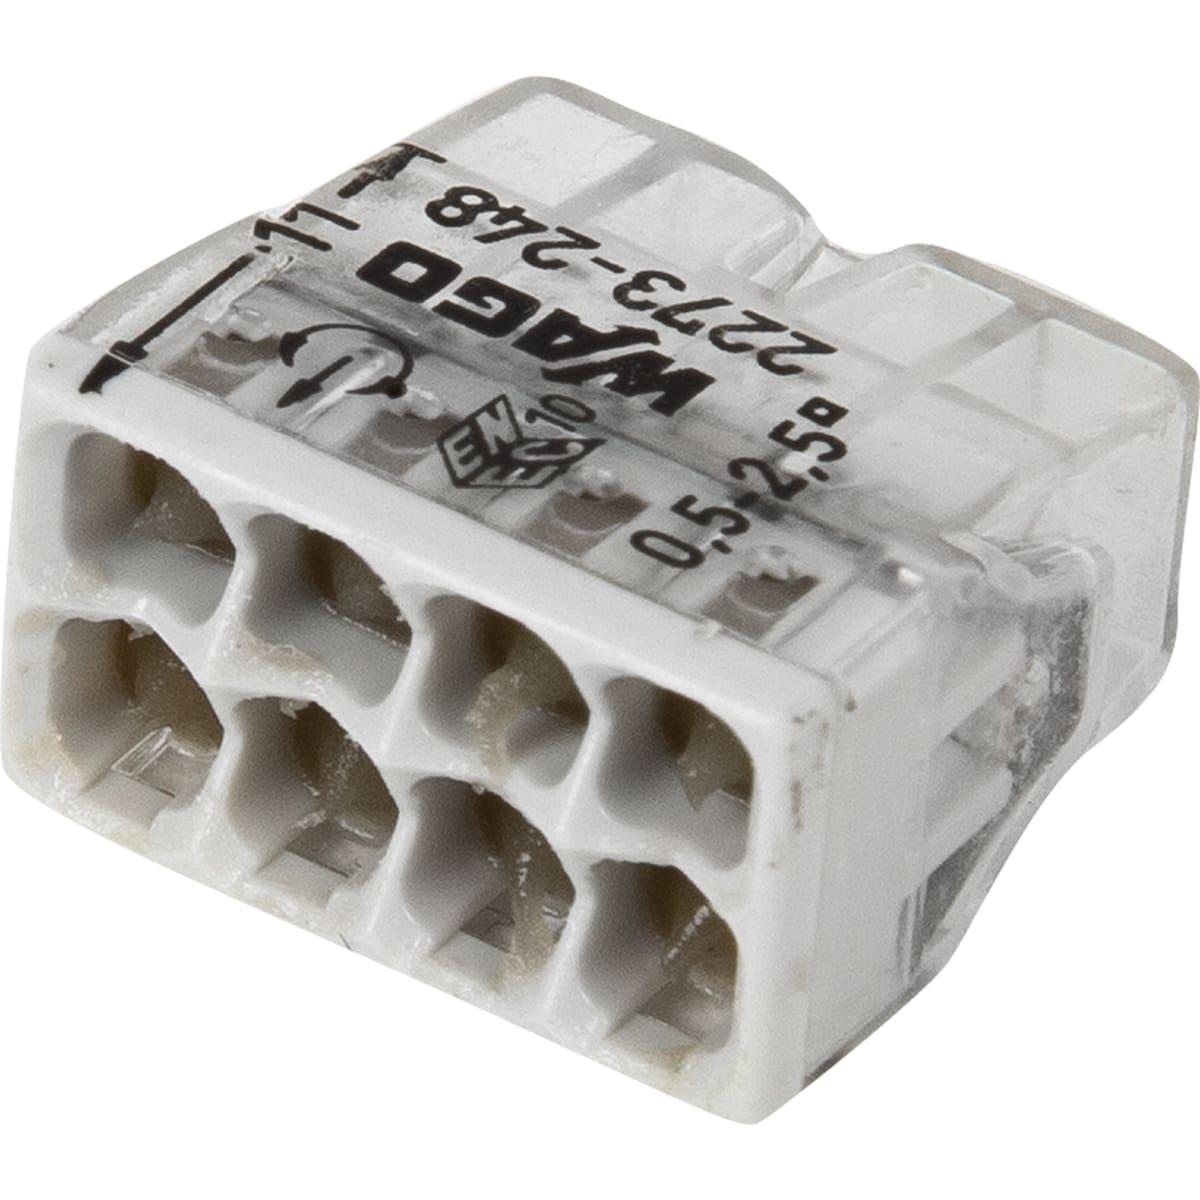 Клемма соединительная Wago, 8 разъёмов под провода с пастой, 18х10.4х16.7 мм, 6 шт.